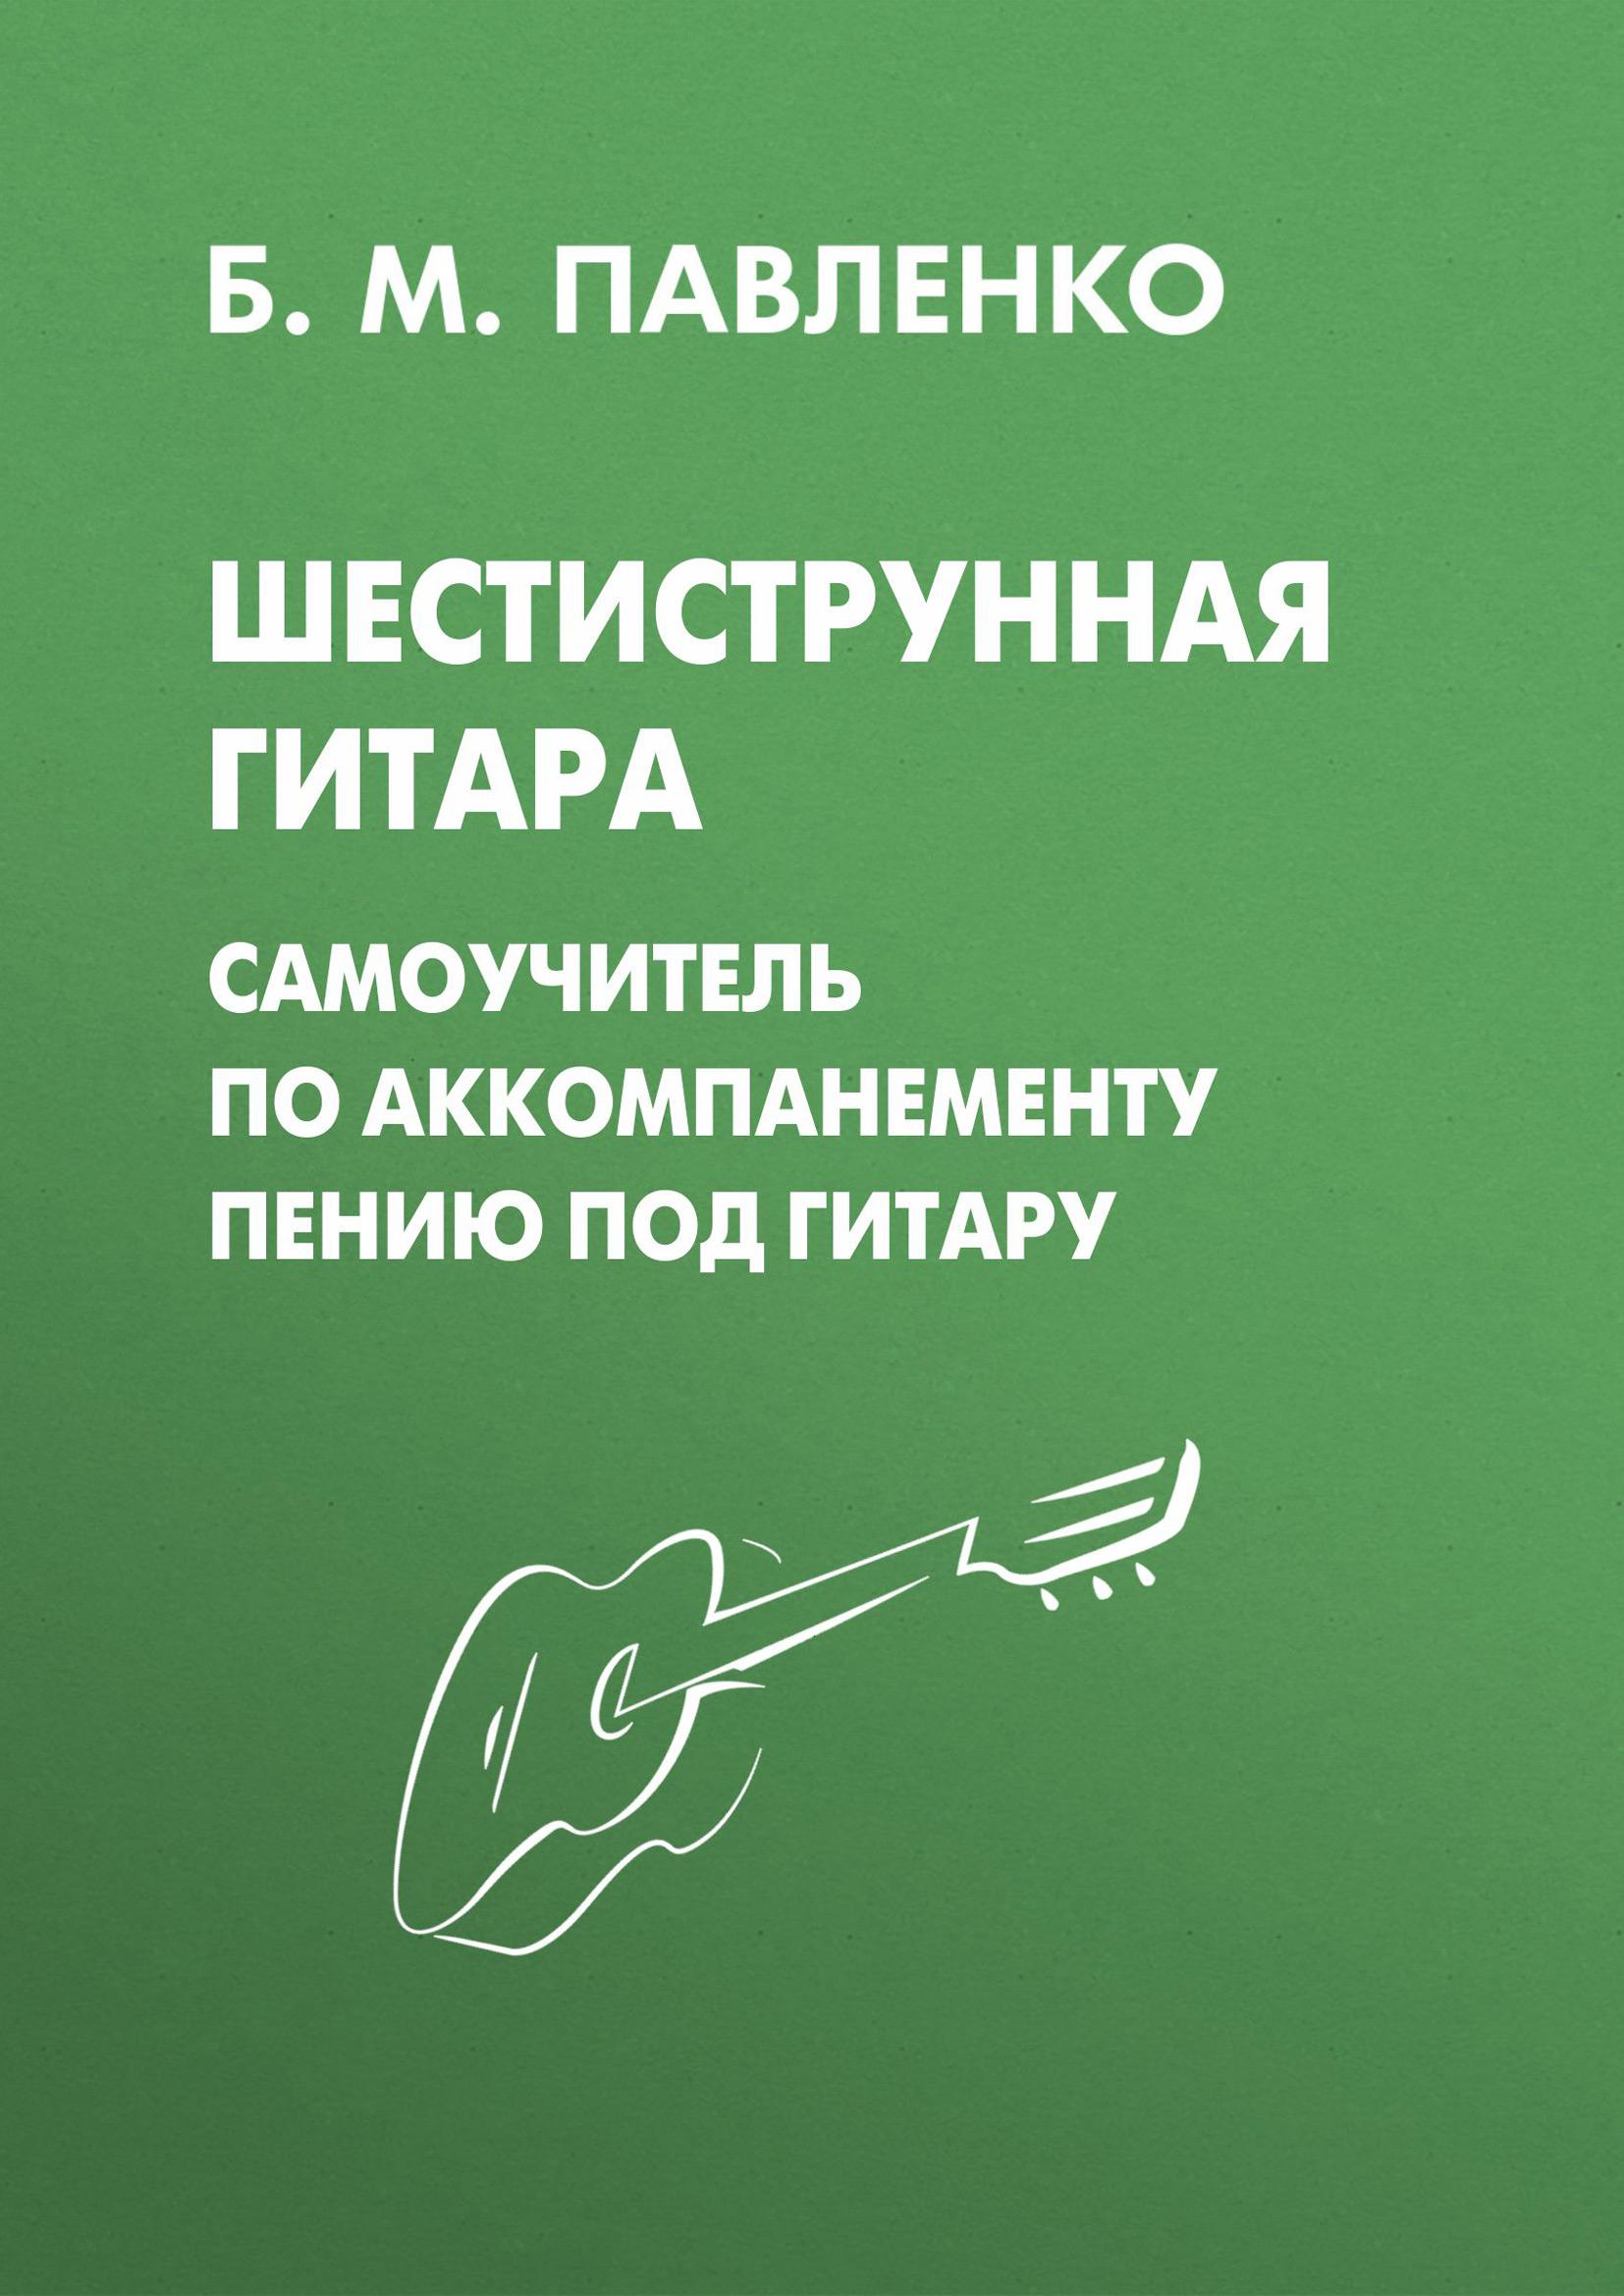 Б. М. Павленко Шестиструнная гитара. Самоучитель по аккомпанементу пению под